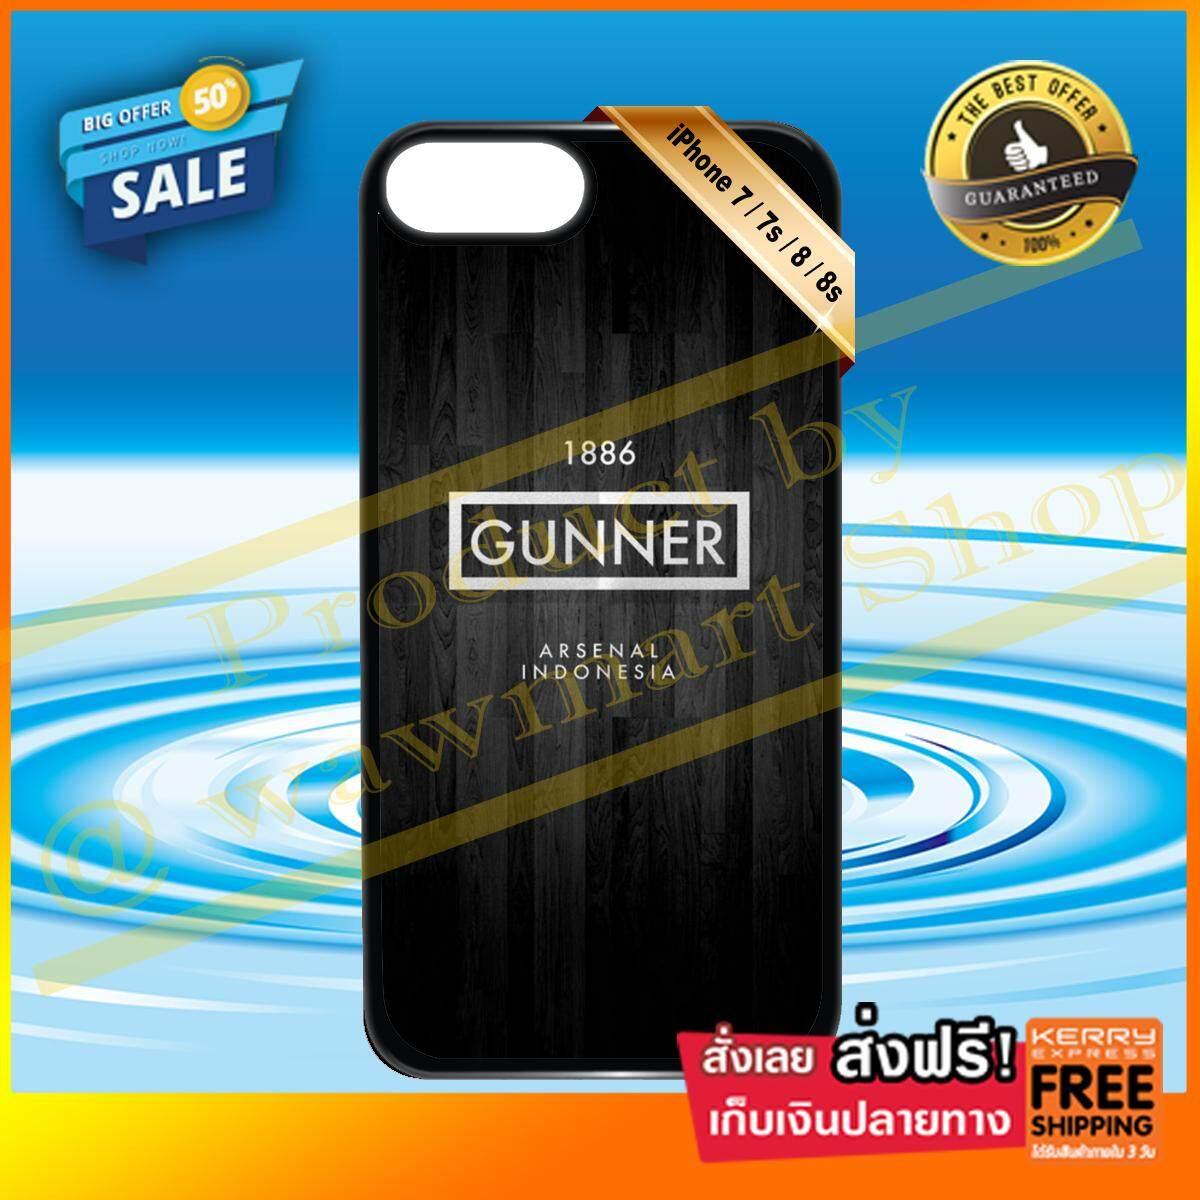 เก็บเงินปลายทางได้ ส่งฟรี!! Kerry!! แฟชั่น เคส มือถือ ไอโฟน สำหรับ I phone 7 / 7S / i Phone 8 / 8S Custom DIY Design Black A16 HD Print สกรีน พิมพ์ลาย ตราสโมสร Gunners ไอ้ปืนโต พรีเมียร์ลีก ขอบ TPU ไม